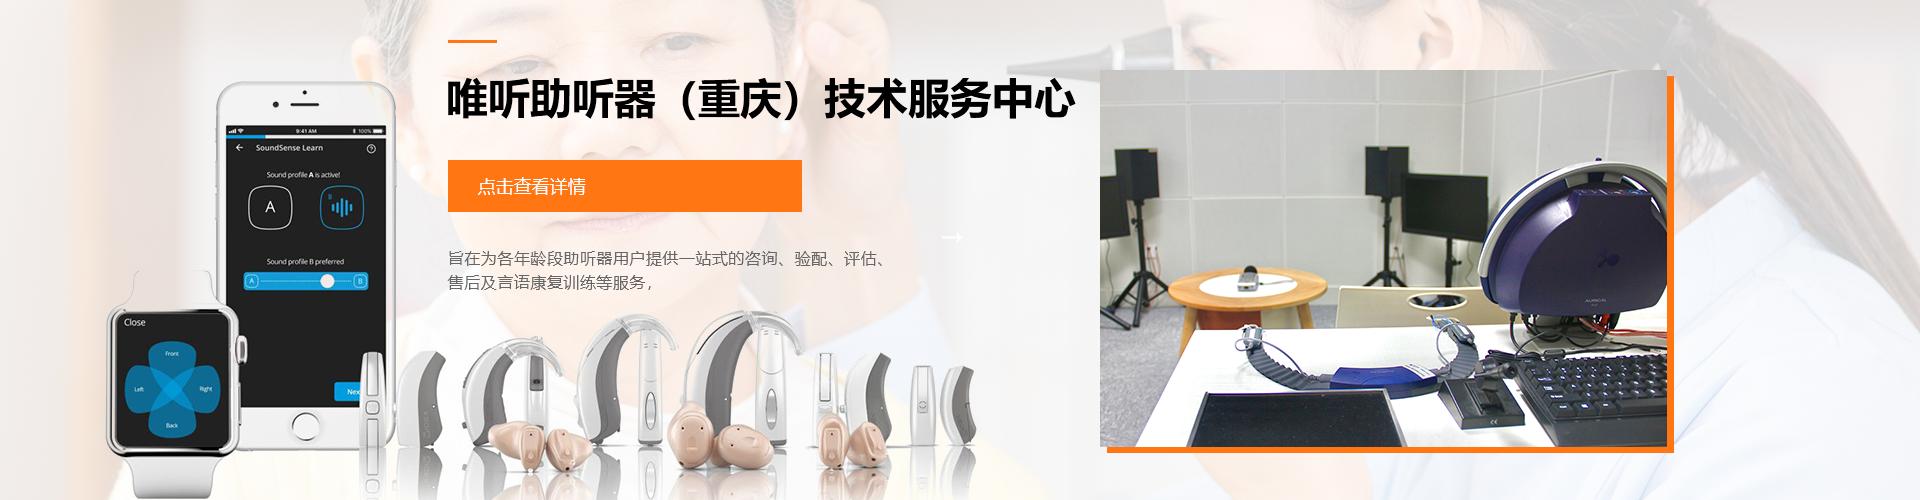 唯听助听器(重庆)技术服务中心